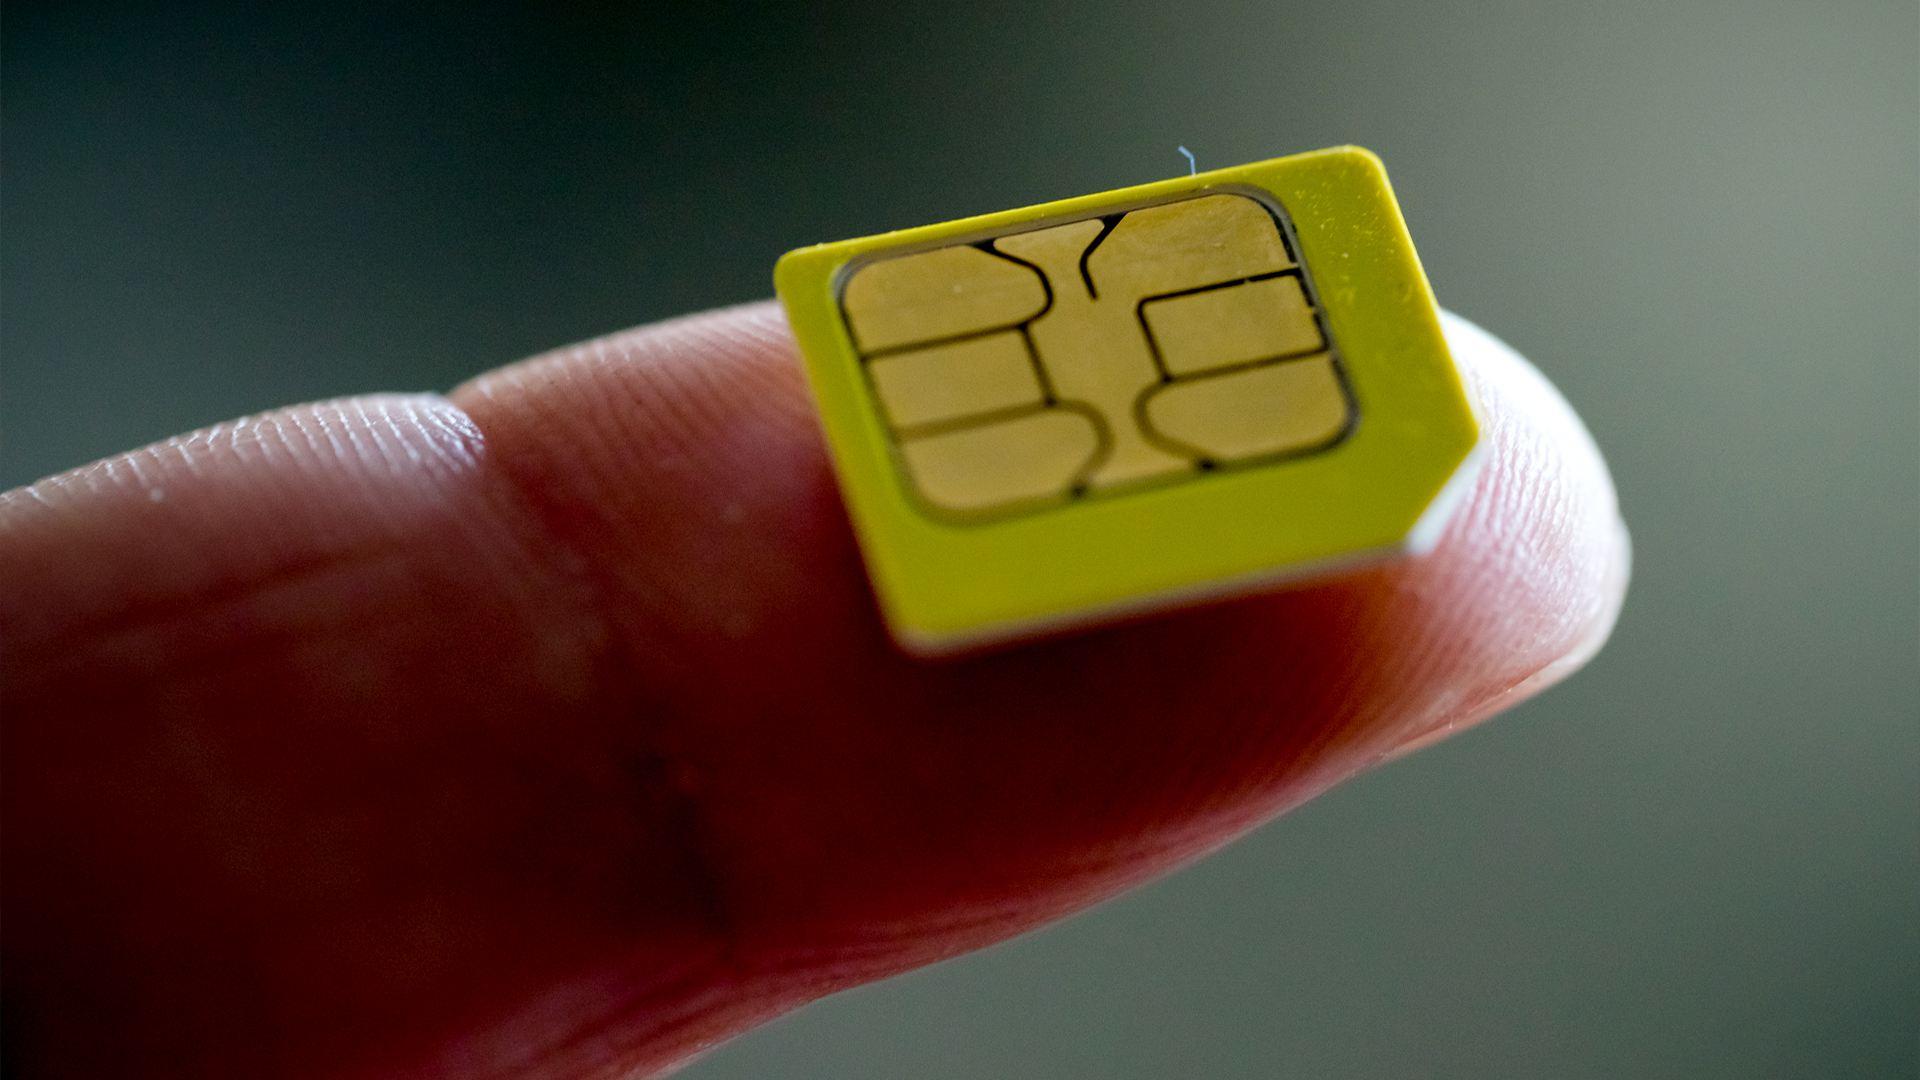 A SIM card on a finger.